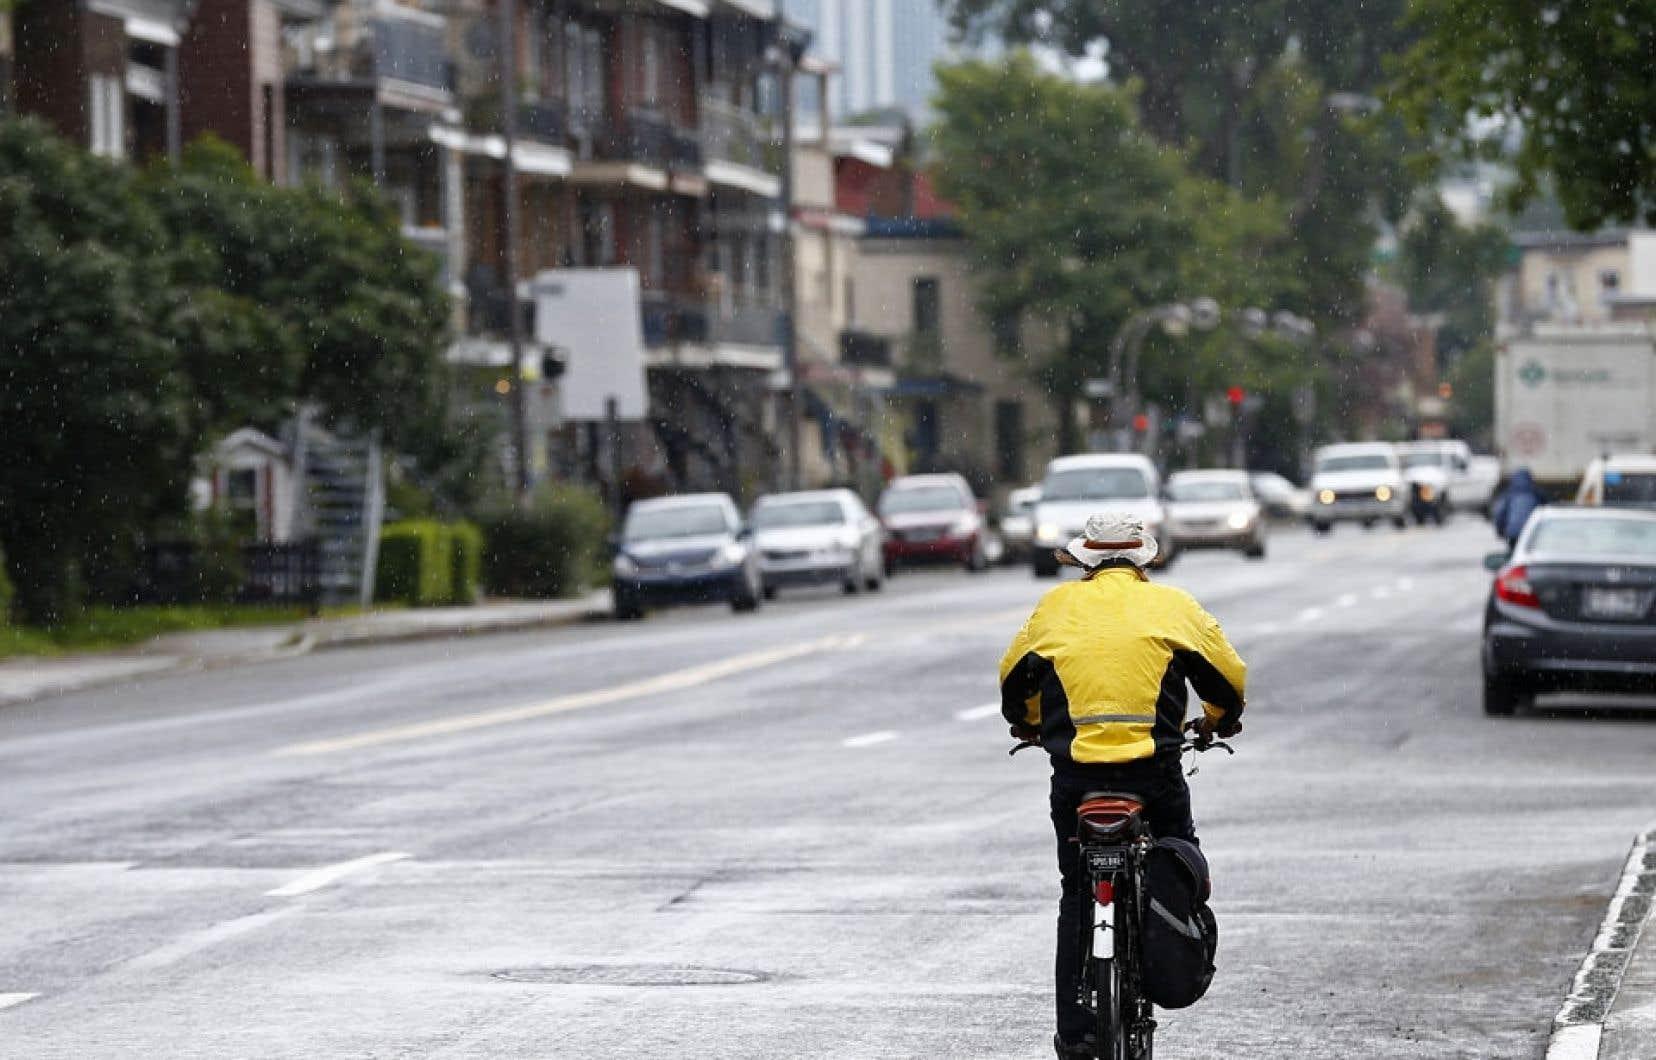 Si les canards ne sillonnent plus le secteur, le temps de canard, lui, n'a pas fait ses adieux. Ce cycliste roule sous la pluie.